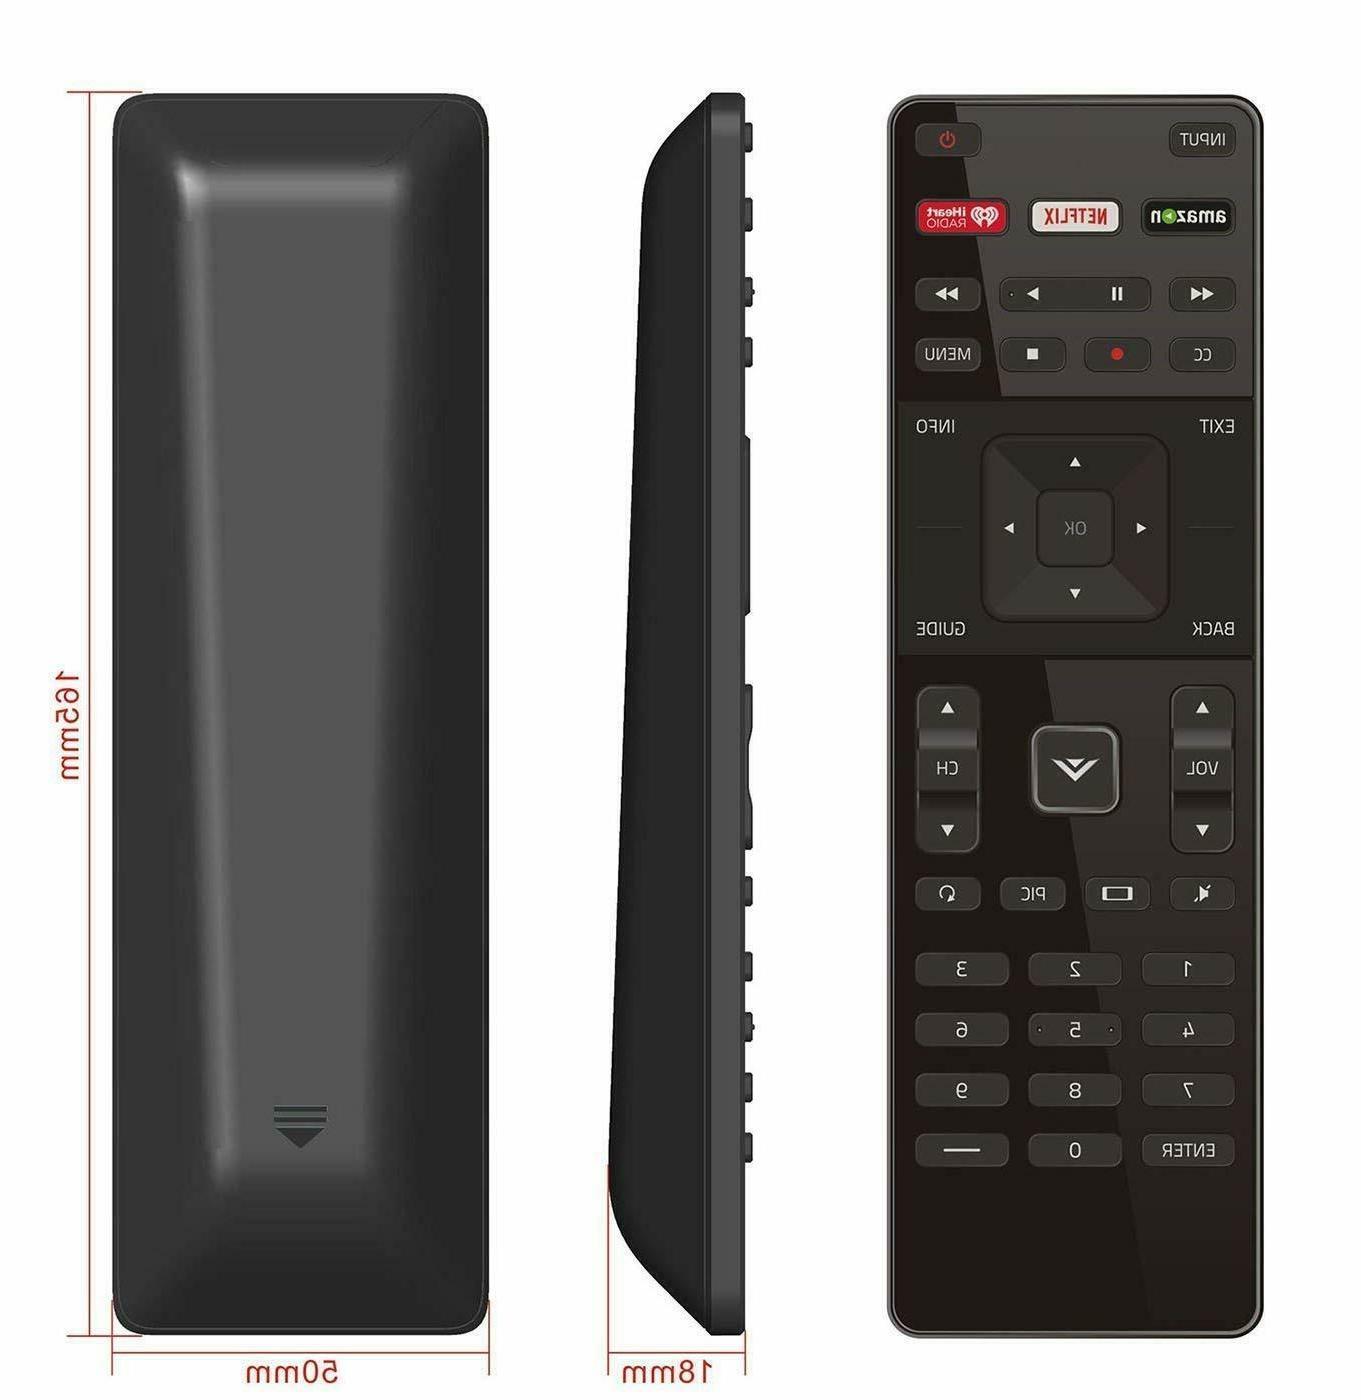 new remote xrt122 replacement for vizio smart